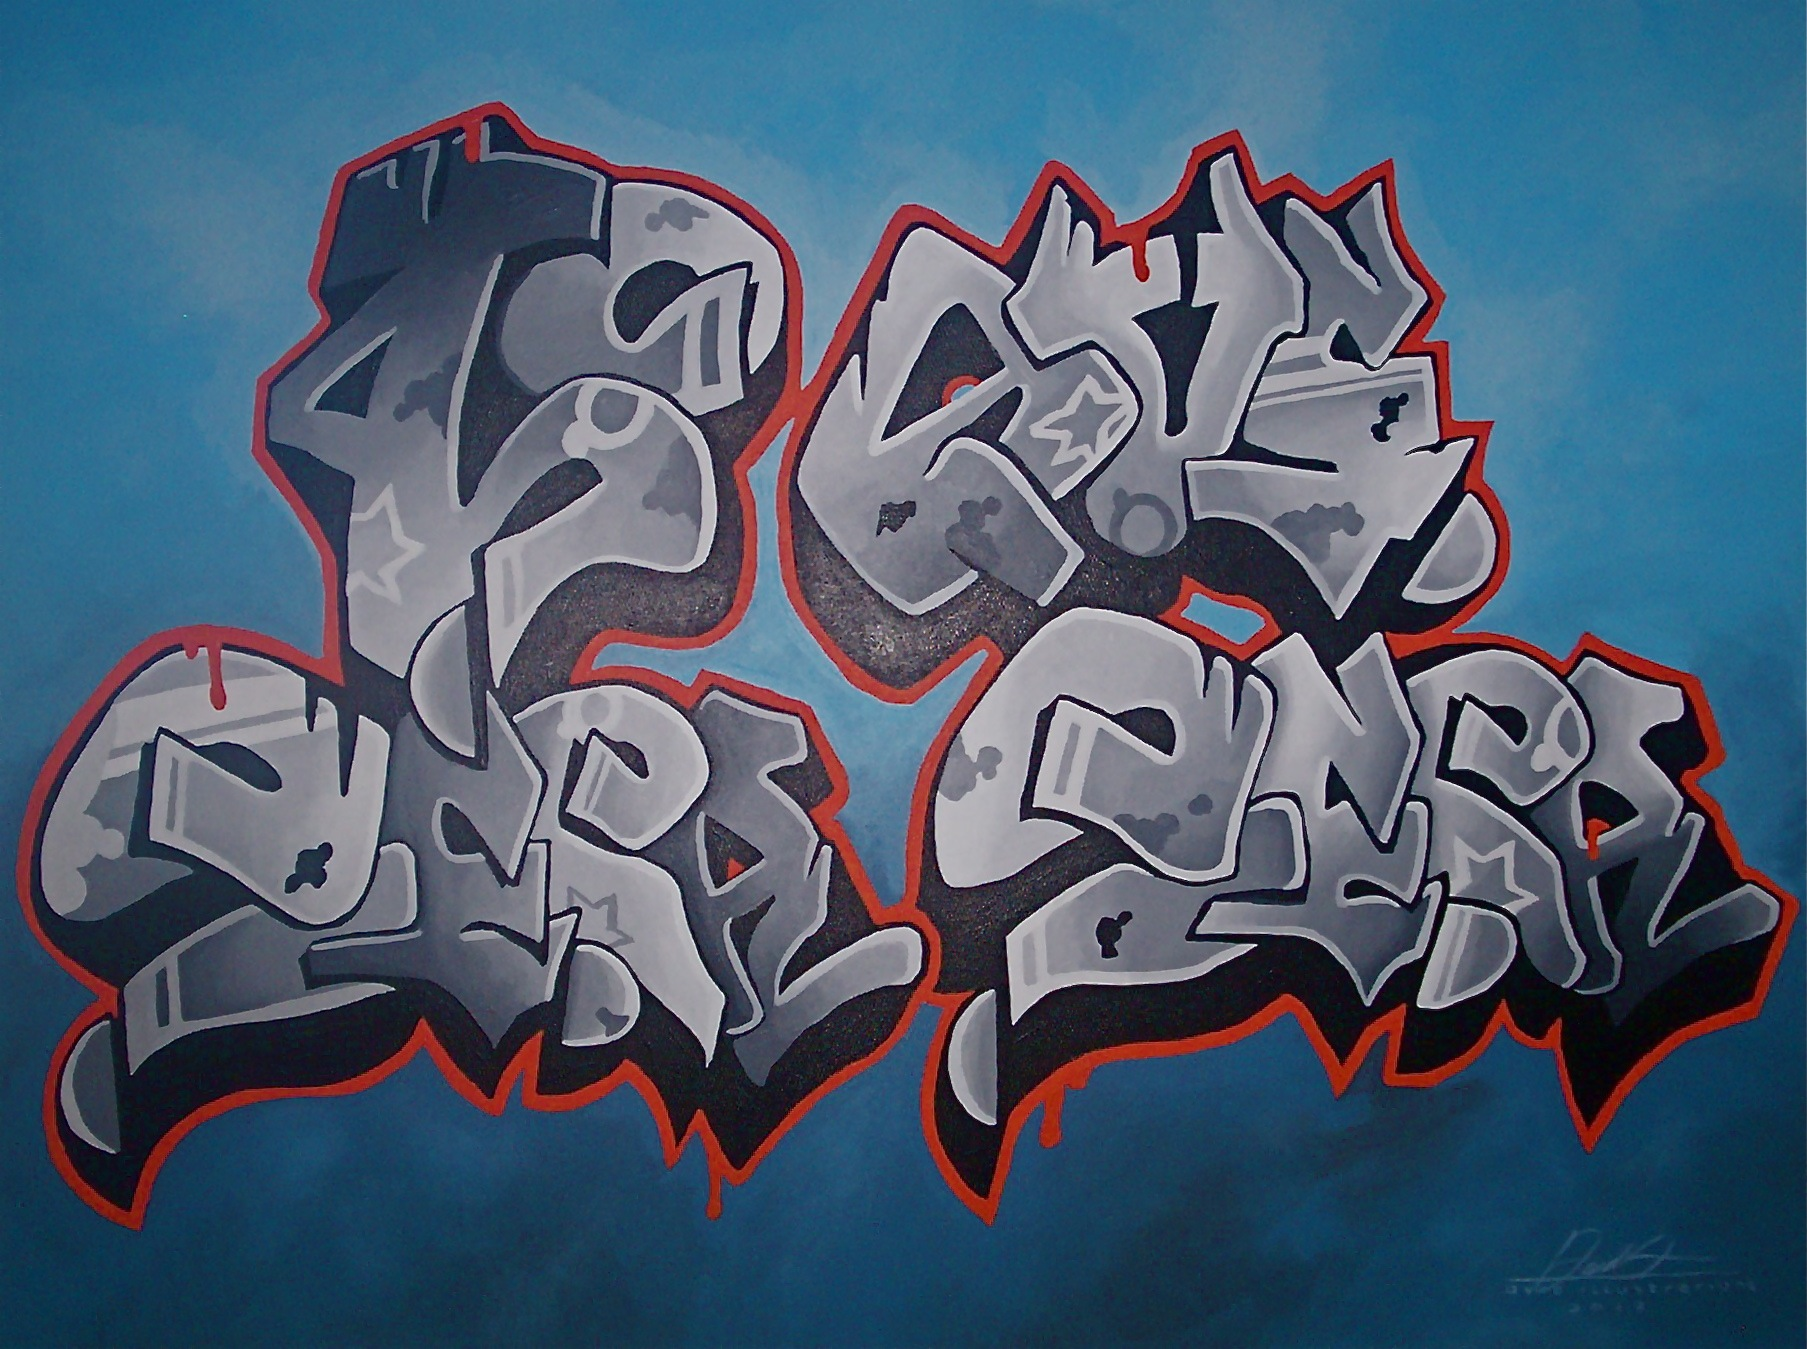 Graffiti-%20Lo%20Que%20Sera%20Sera%20(cl